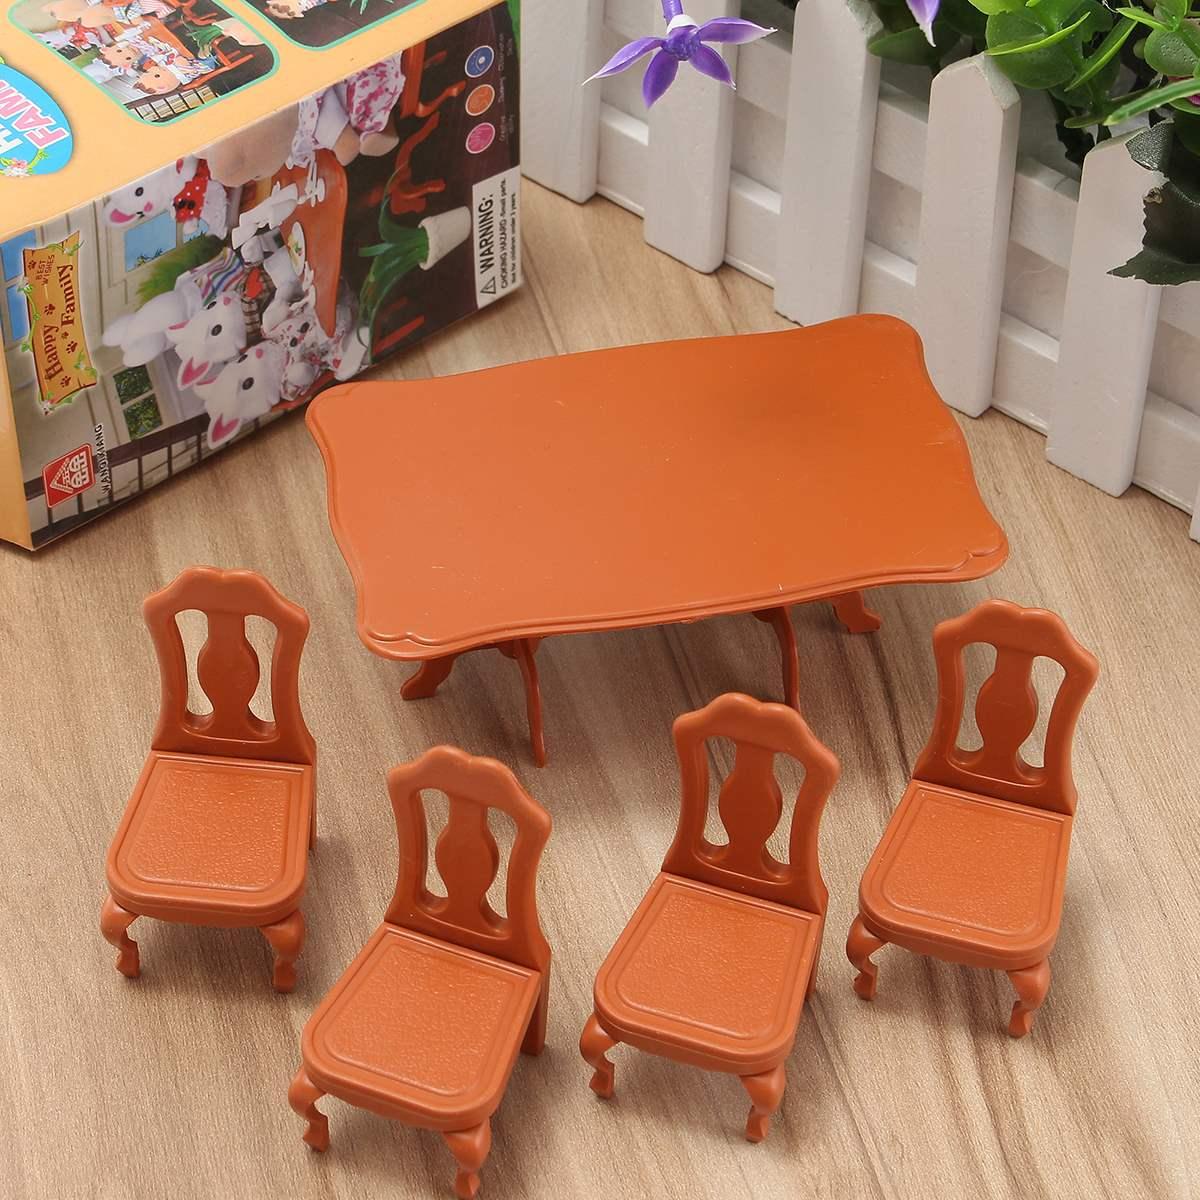 Full Size of Diy Schne Mini Mbel Puppenhaus Miniatur Esstisch Stuhl Set 2m Sofa Für Glas Minion Bett Ausziehbar Massiv Massivholz Weiß Miniküche Mit Kühlschrank 80x80 Wohnzimmer Mini Esstisch